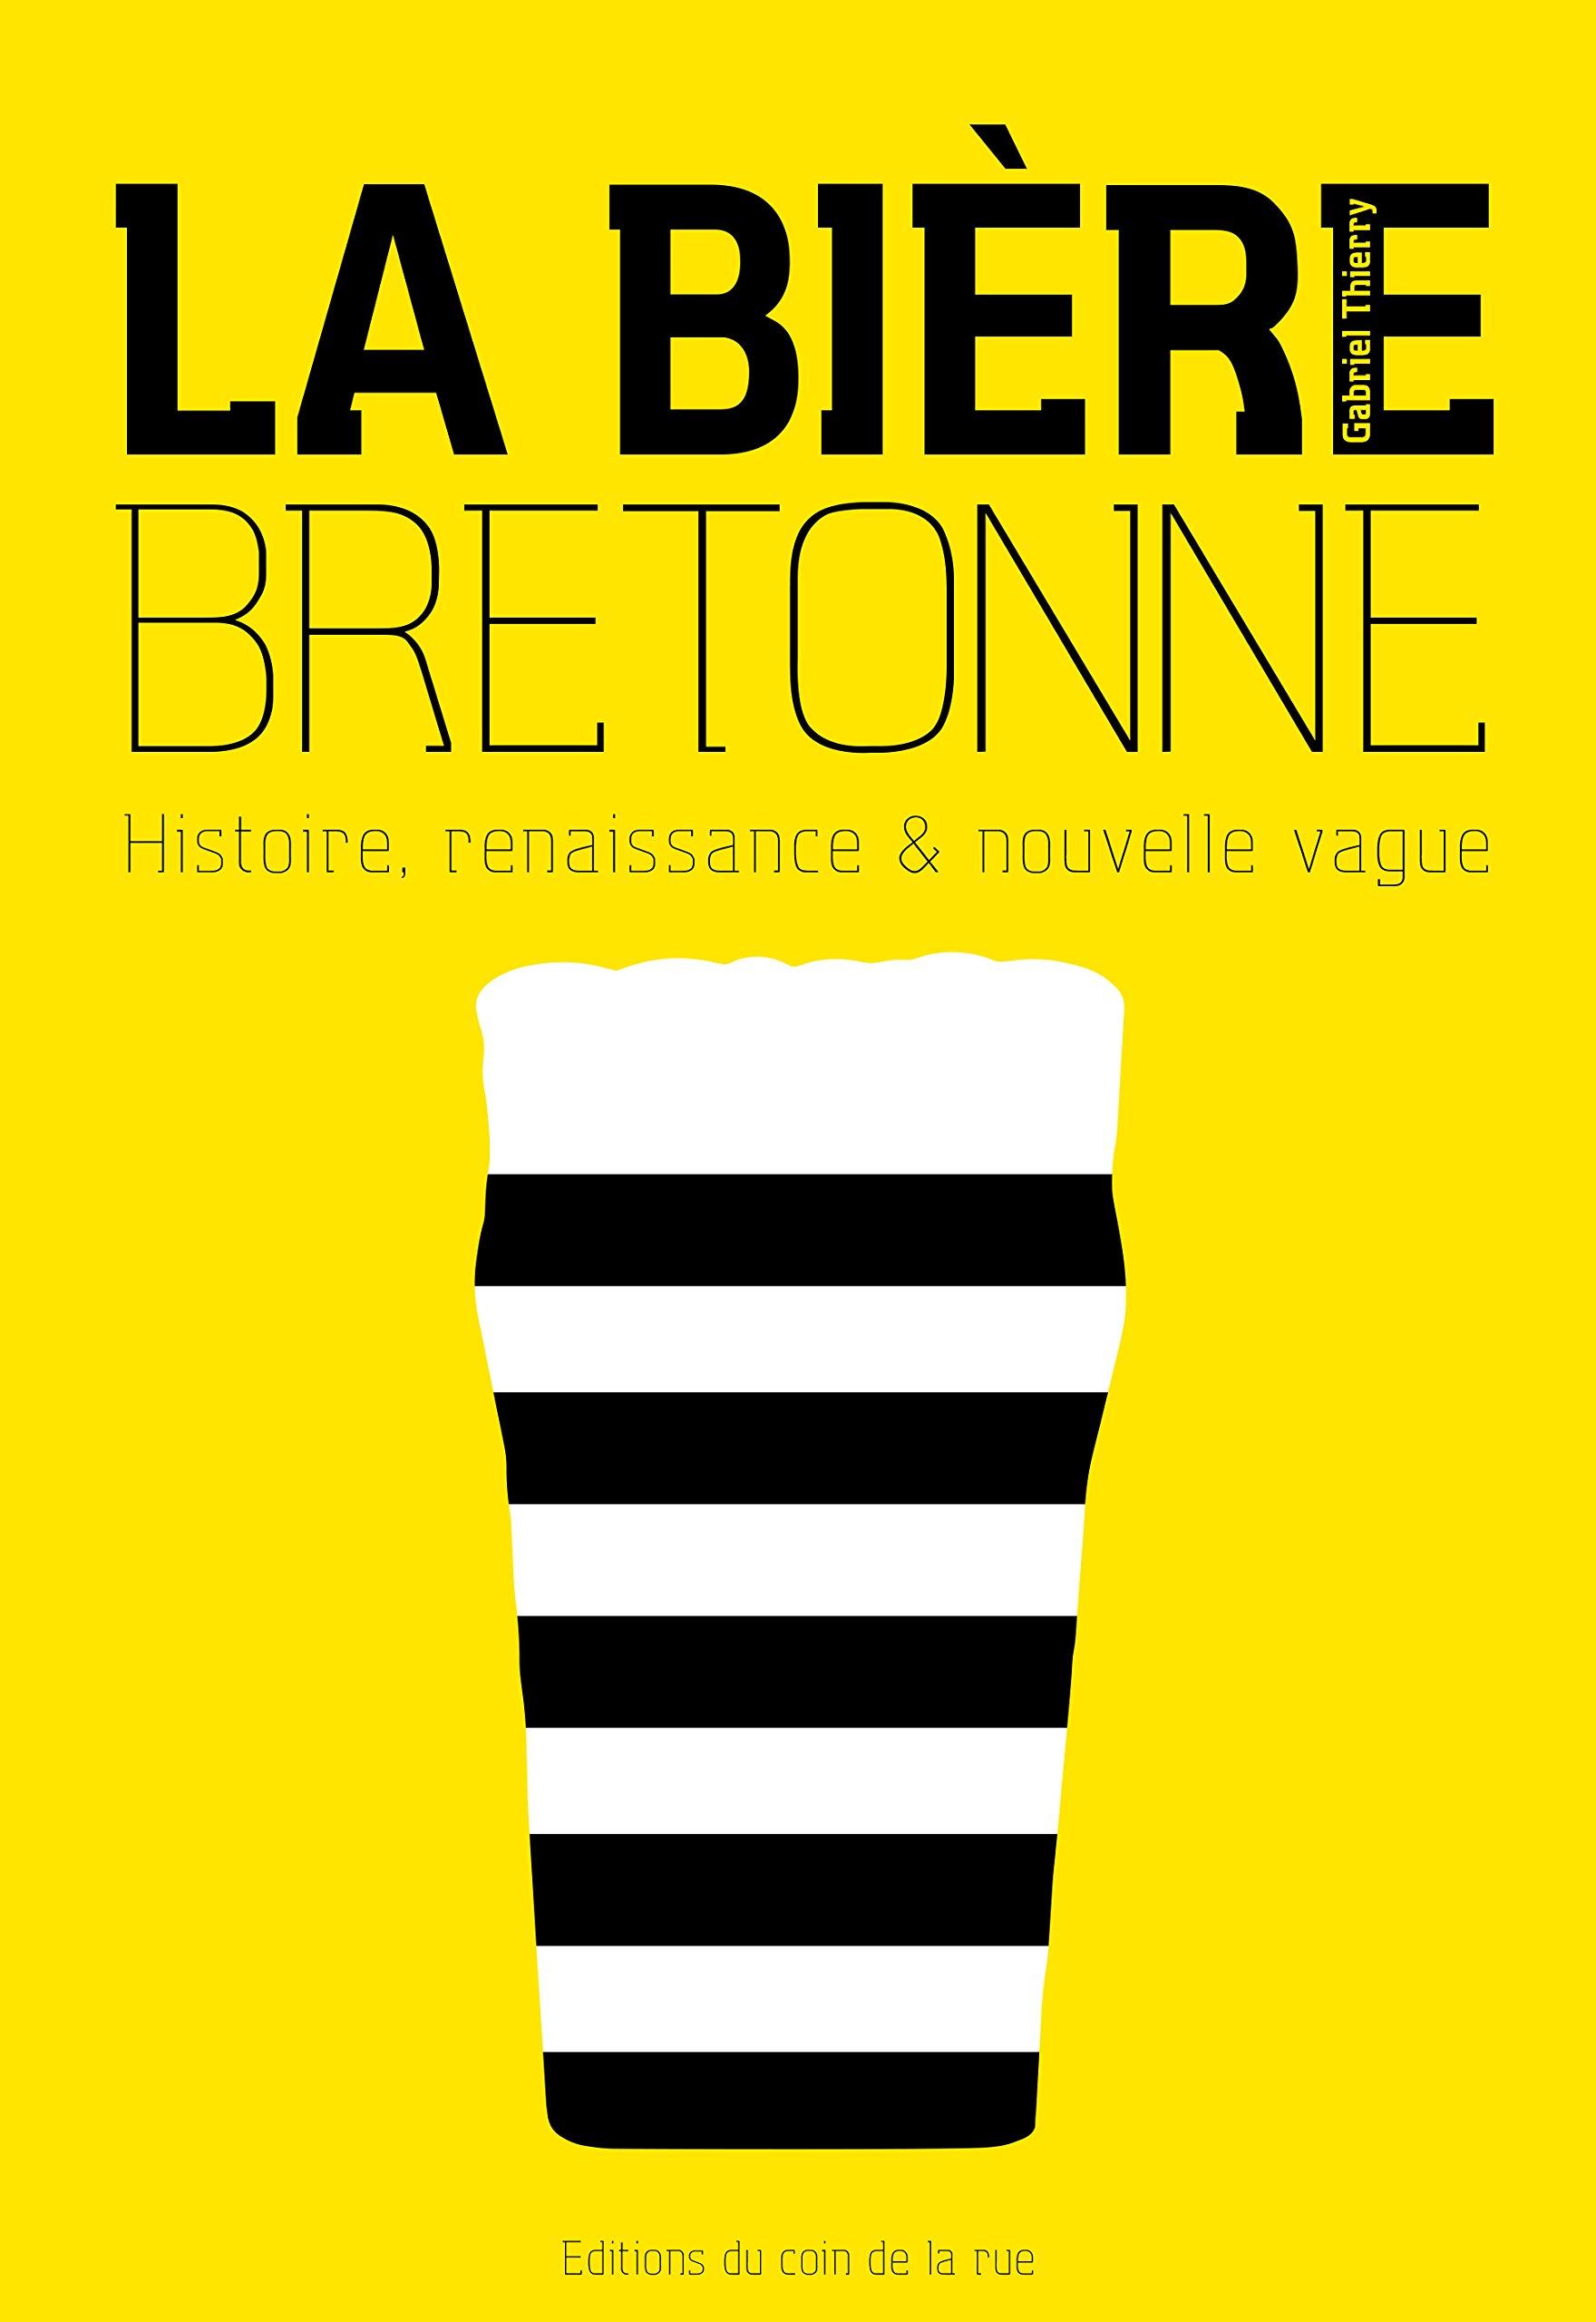 La bière bretonne, histoire, renaissance et nouvelle vague Broché – 7 novembre 2017 Gabriel Thierry Coin de la rue B0766HXDP2 Bière - Cidre